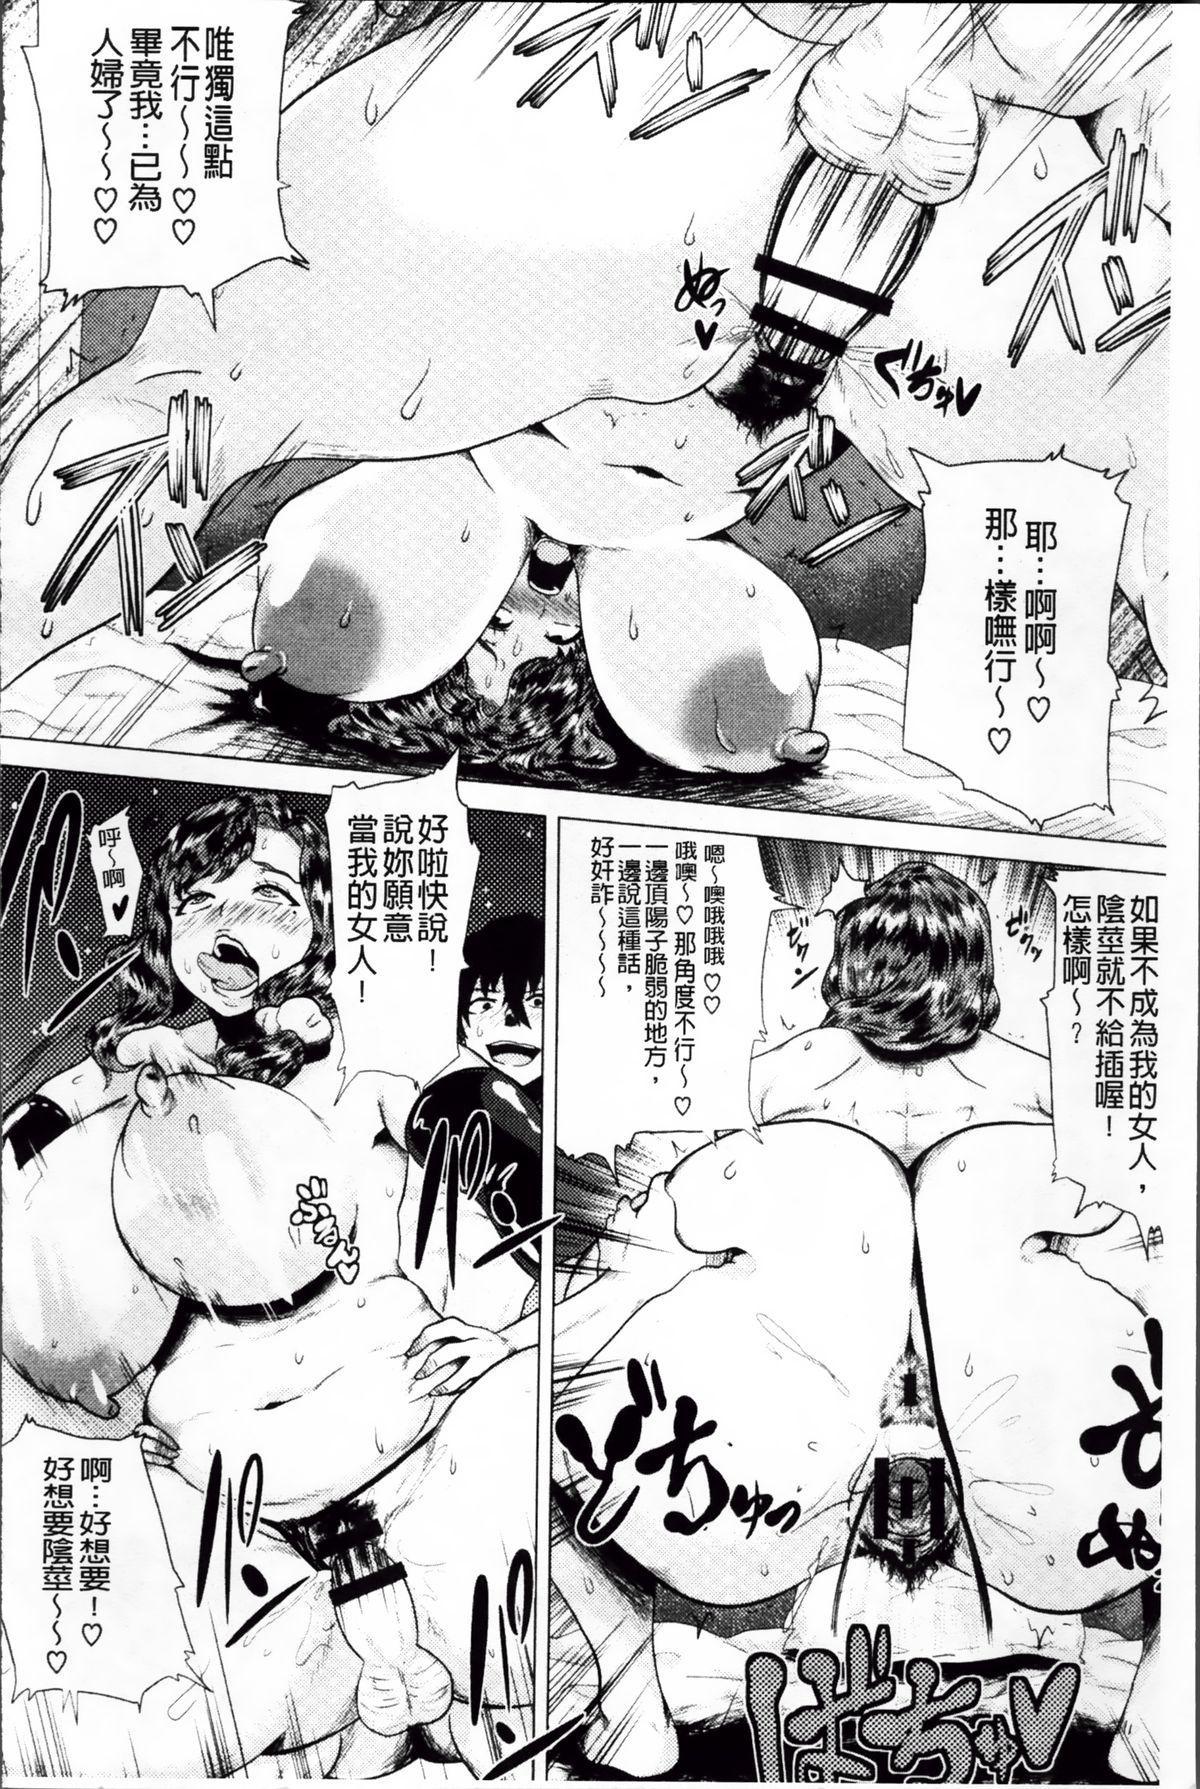 Megabody Night - Watashi no Oniku o Meshiagare 71